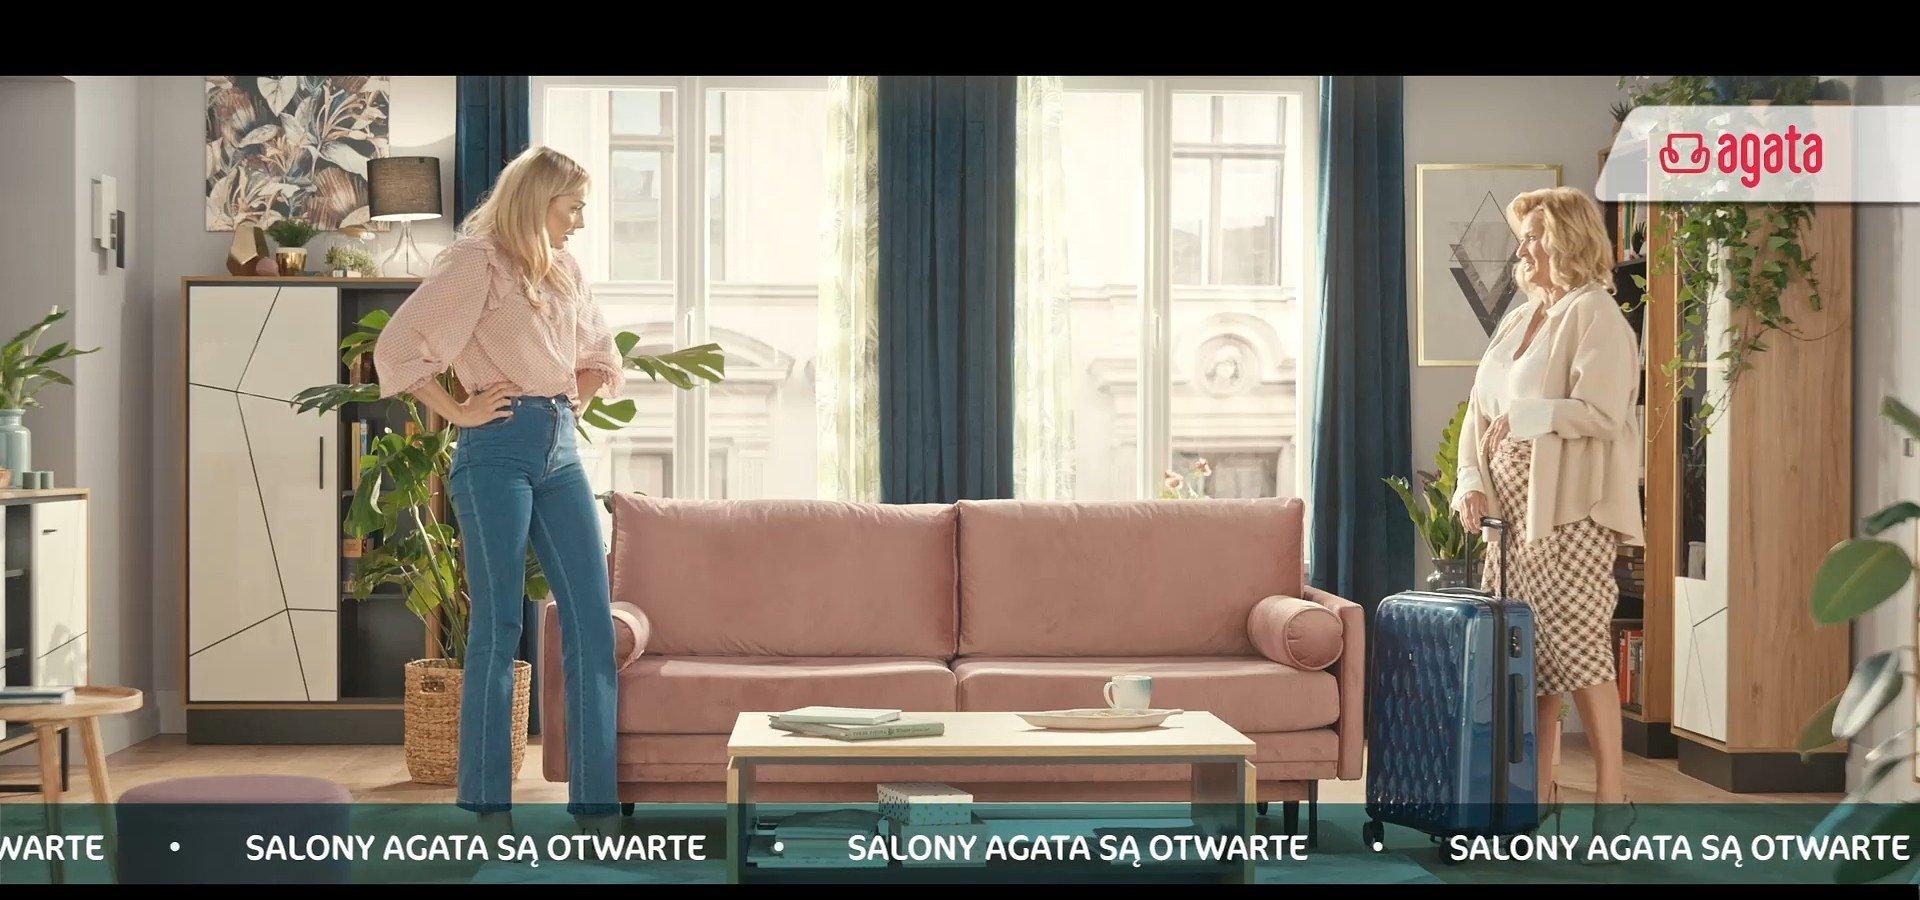 Salony Agata ponownie otwarte. Marka prezentuje nowy spot reklamowy oraz akcję rabatową dla Klientów